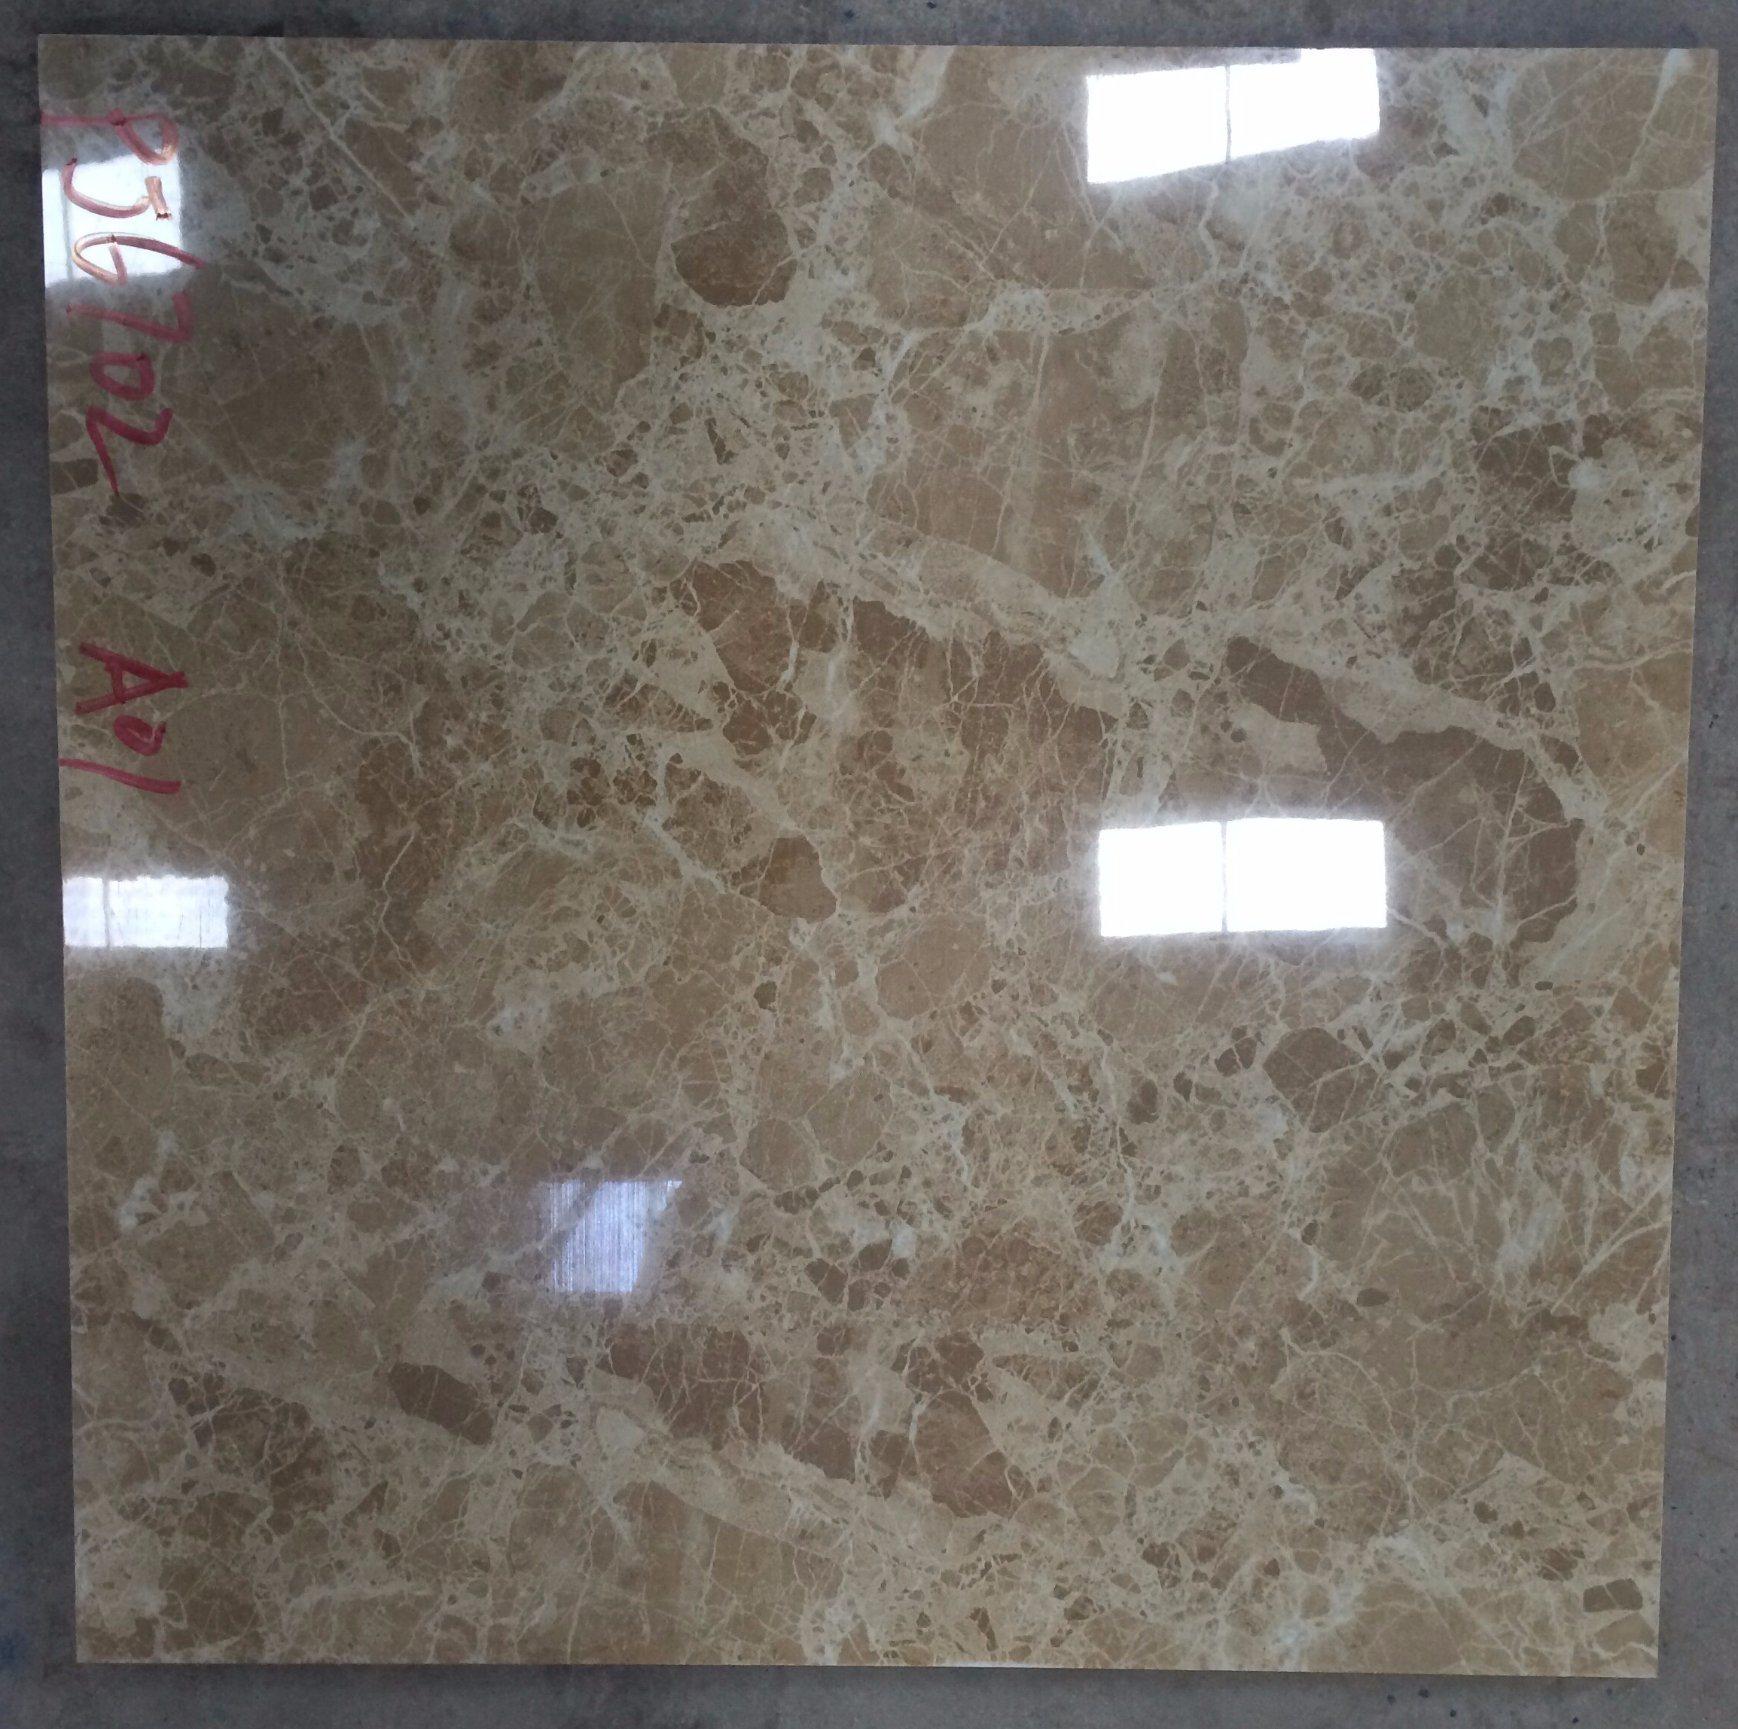 China white color full glazed polished marble floor tiles photos white color full glazed polished marble floor tiles dailygadgetfo Images